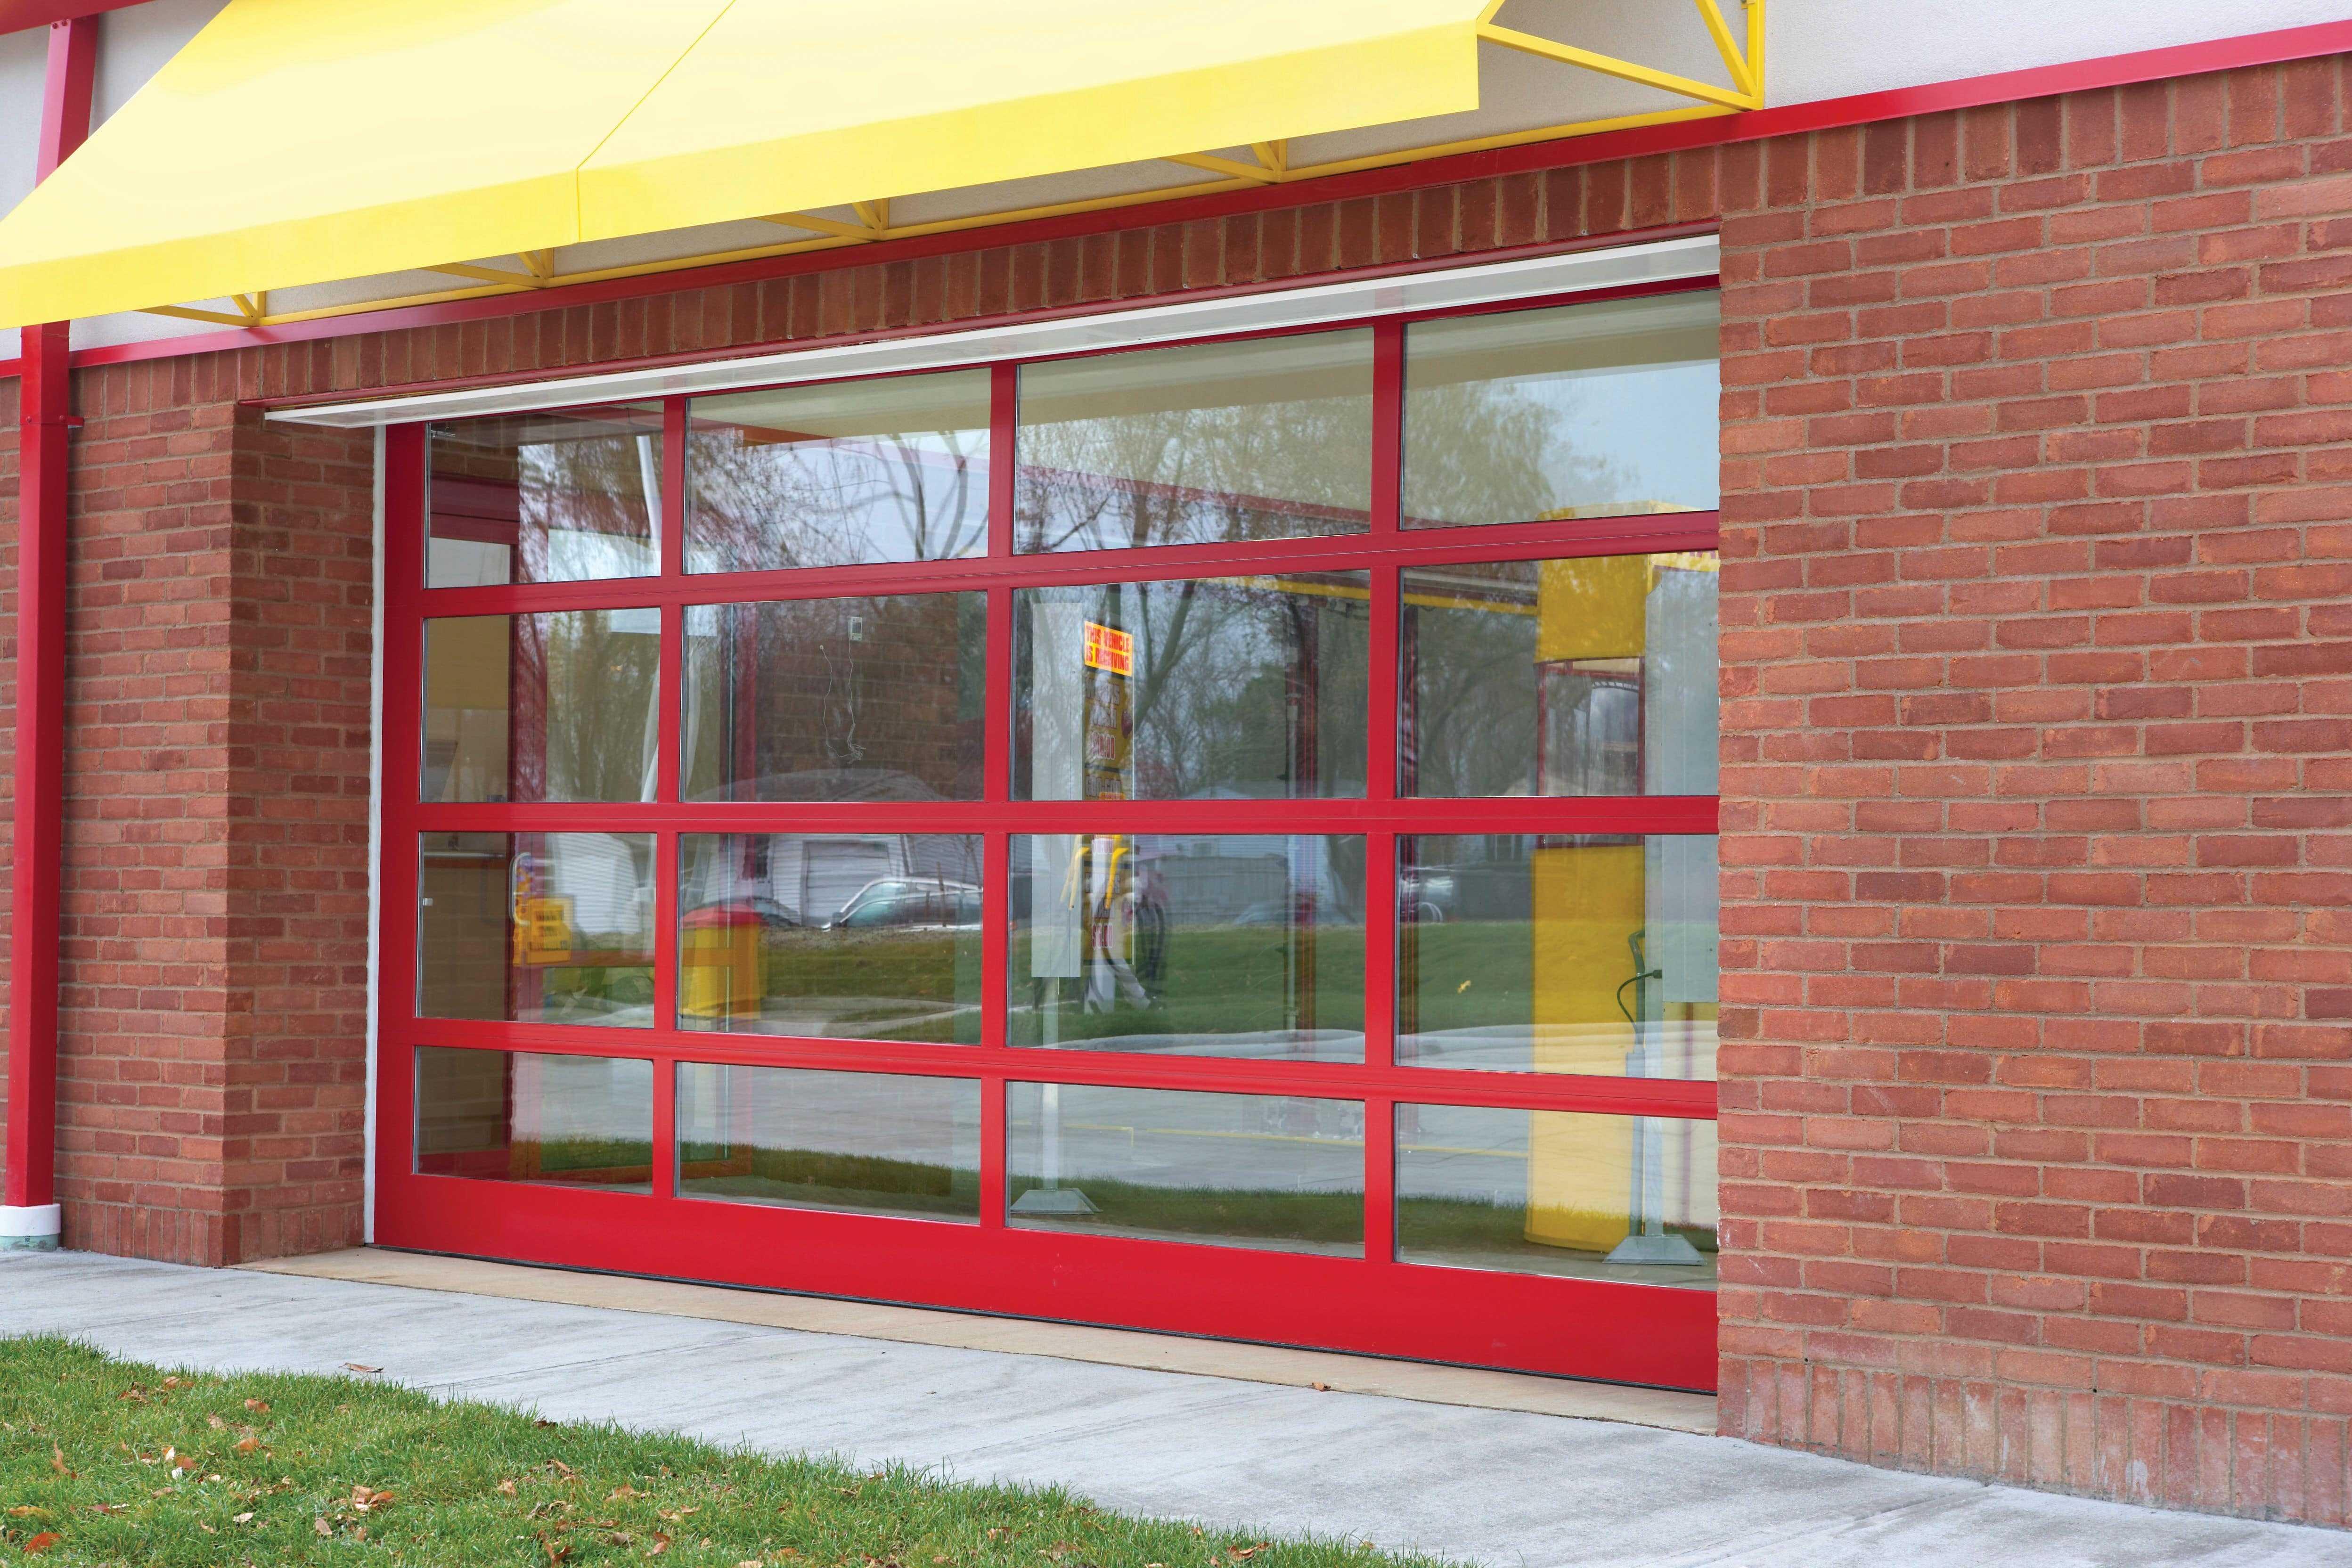 sectional-doors-red-firehouse-min.jpeg?mtime=20210419075229#asset:23368